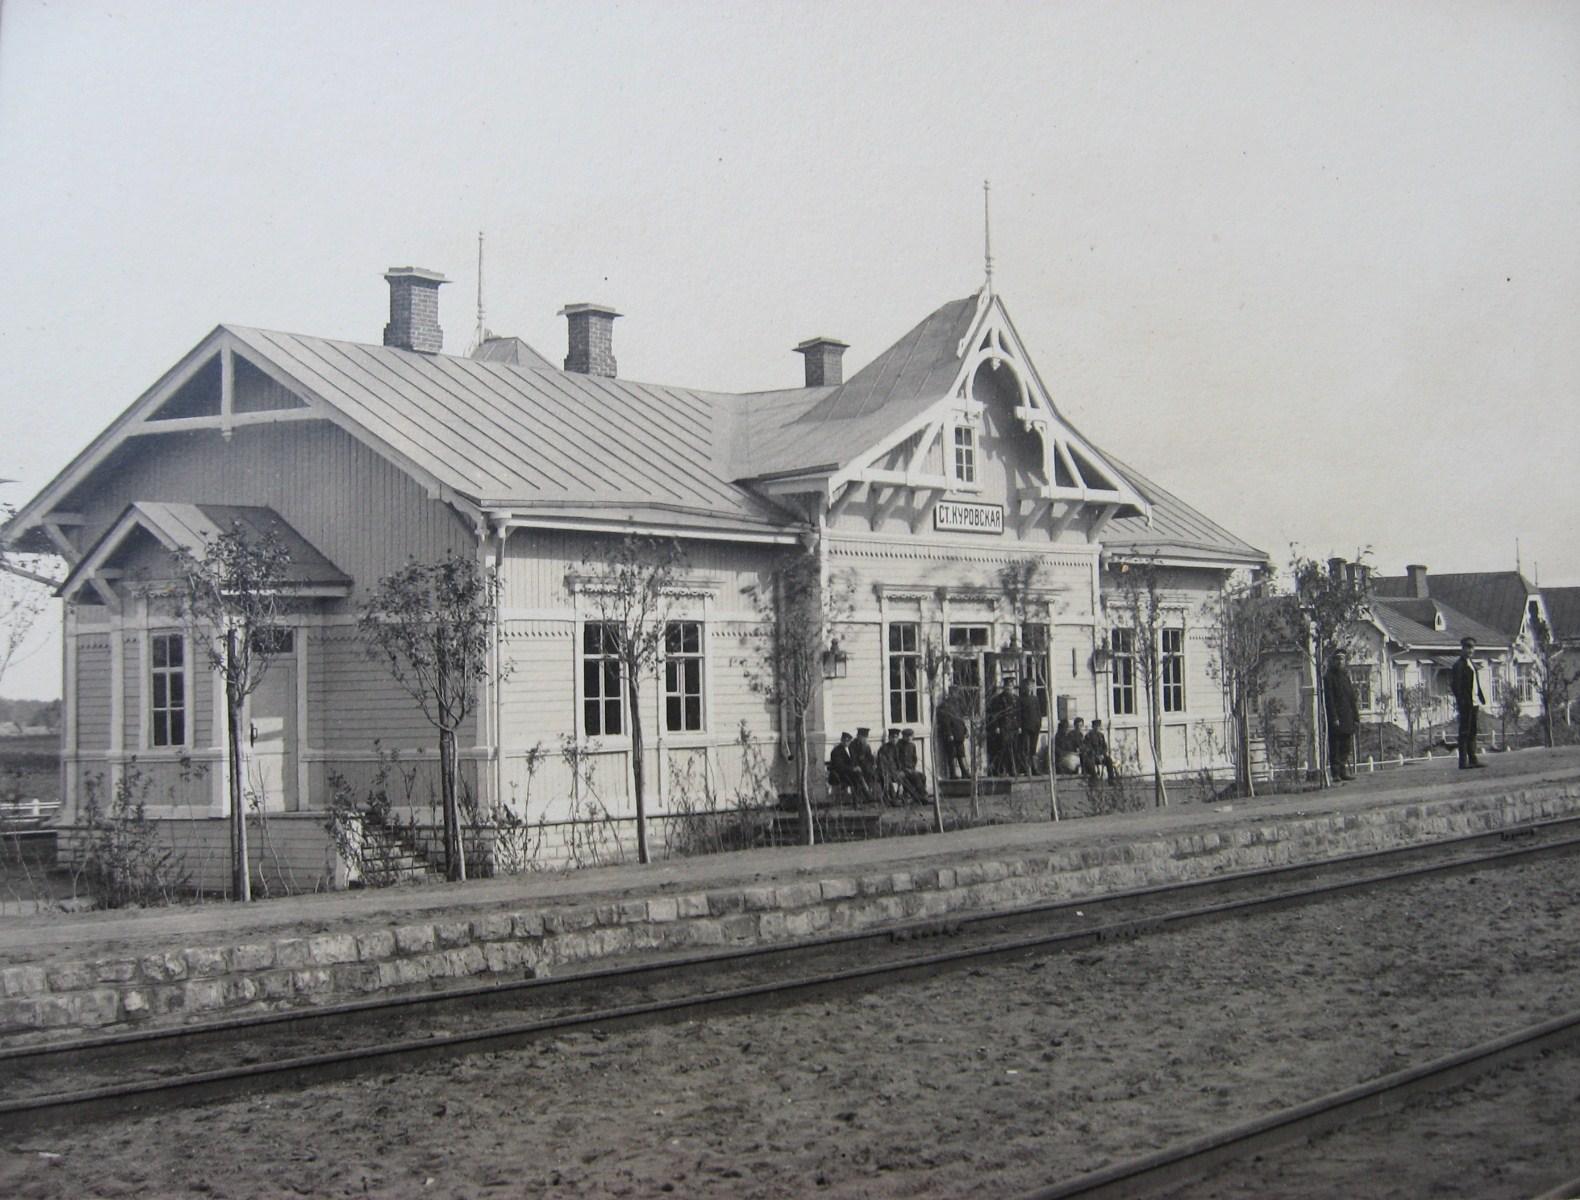 МКЖД Пассажирское здание на станции Куровская. Типовое здание для всех станций IV класса. Фото 1912 года.